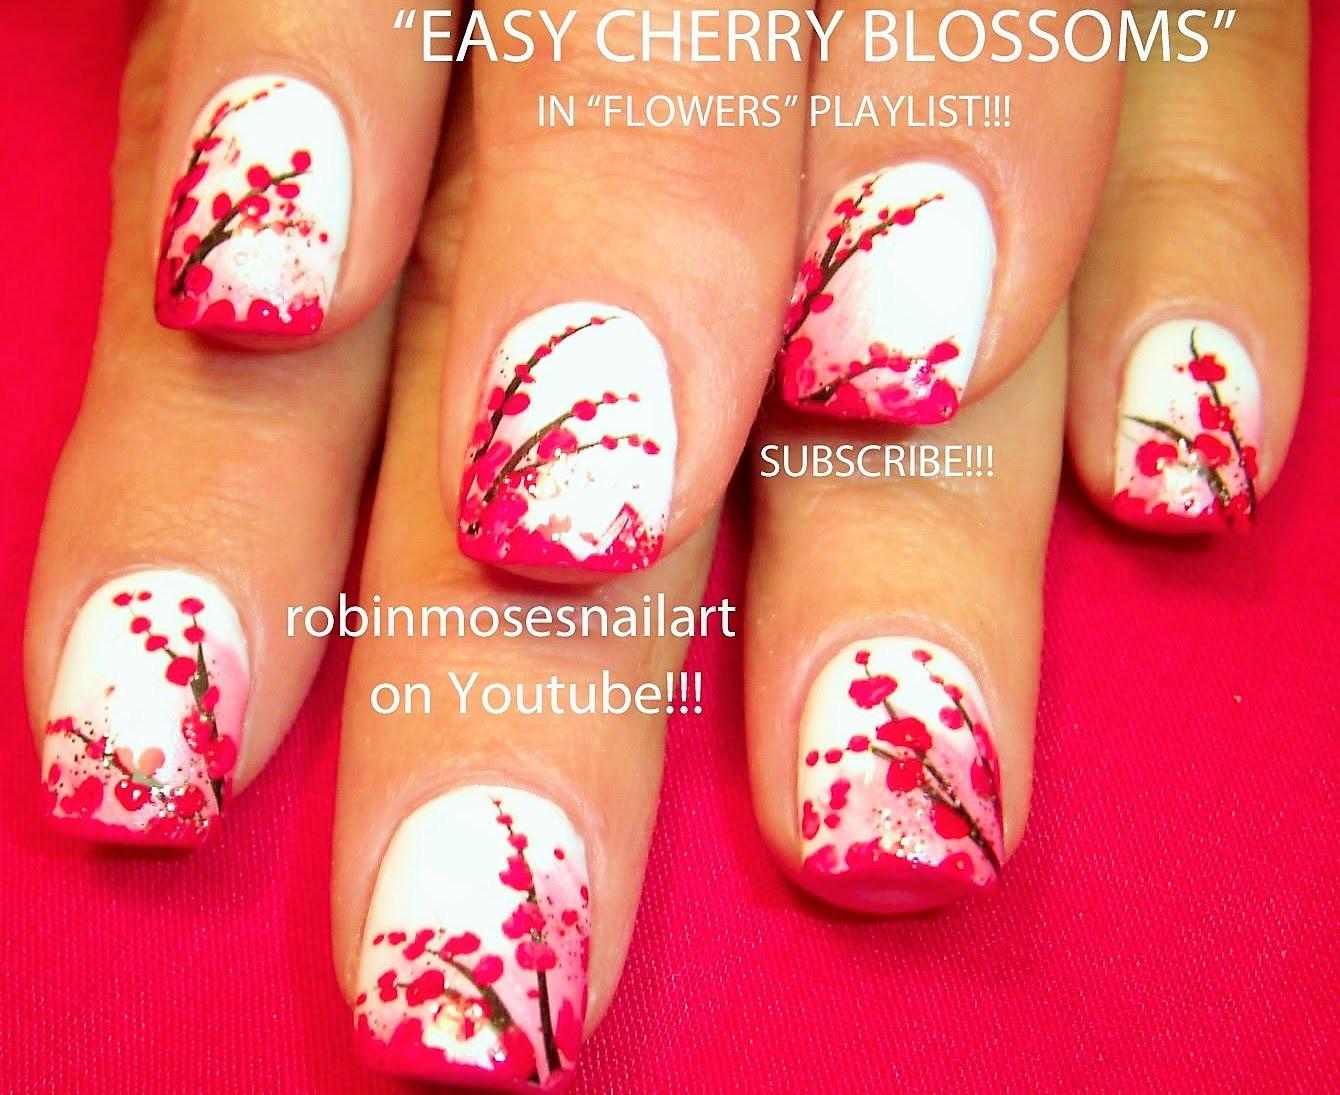 Nail Art Tutorial | Easy Cherry Blossom Nail Art Design for beginners